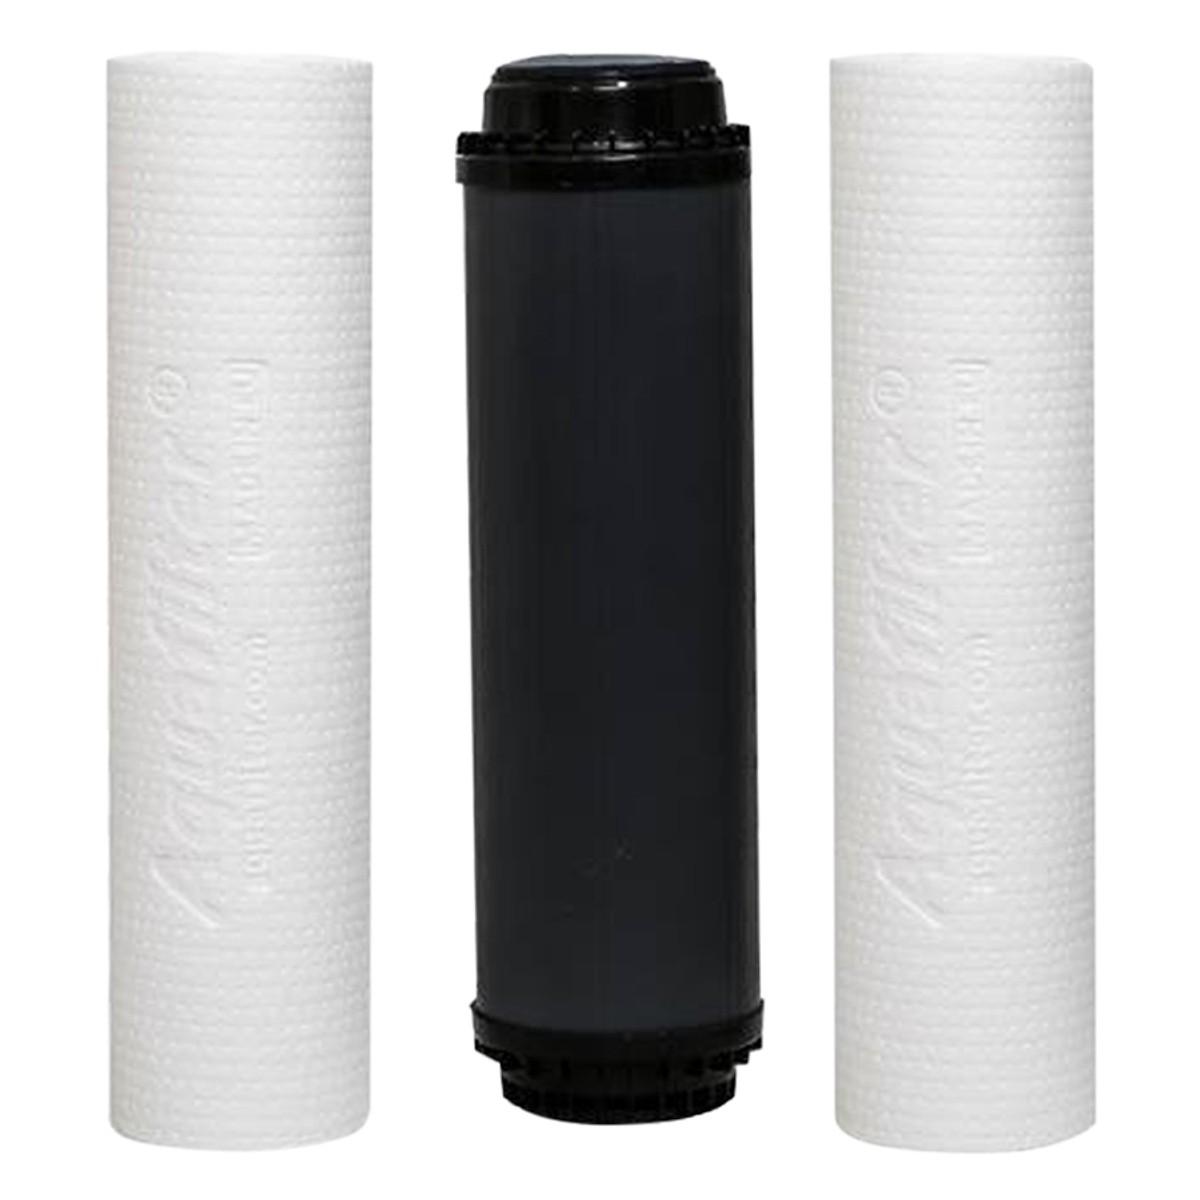 Bộ Lõi Lọc Cấp 1,2,3 Máy Lọc Nước RO Aquafilter